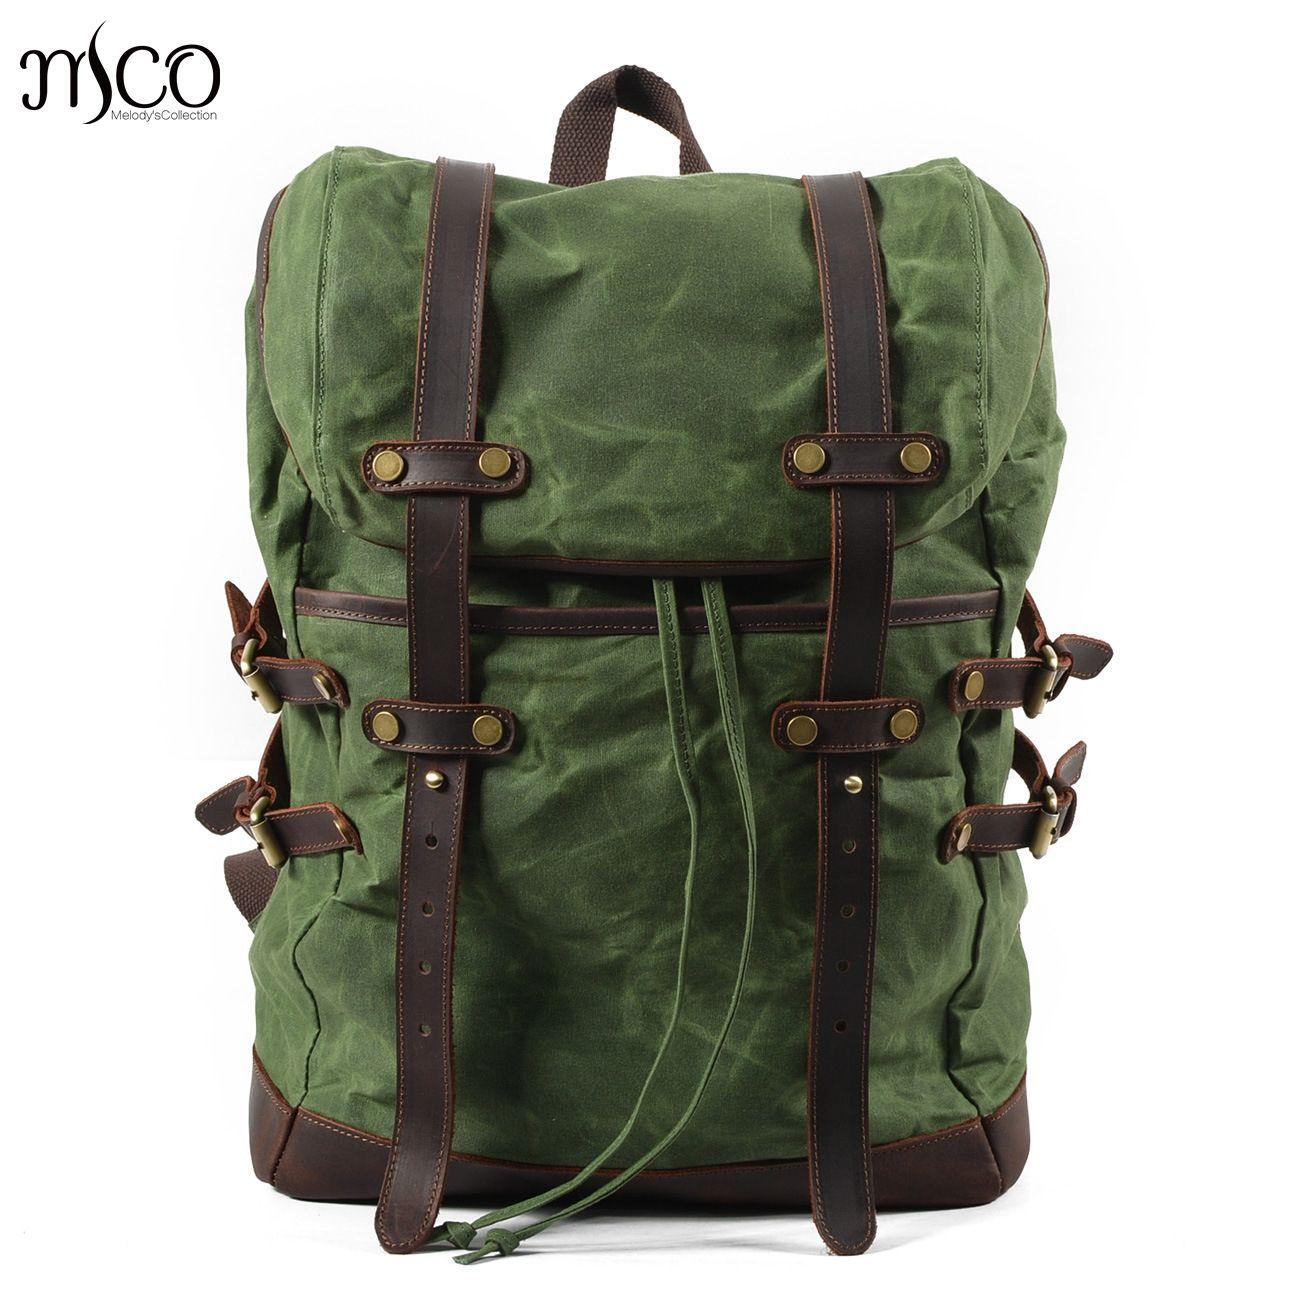 Men Backpacks Vintage Waxed Canvas Leather School Military Backpack Male Large Capacity Waterproof Bagpack Travel Rucksack Bag